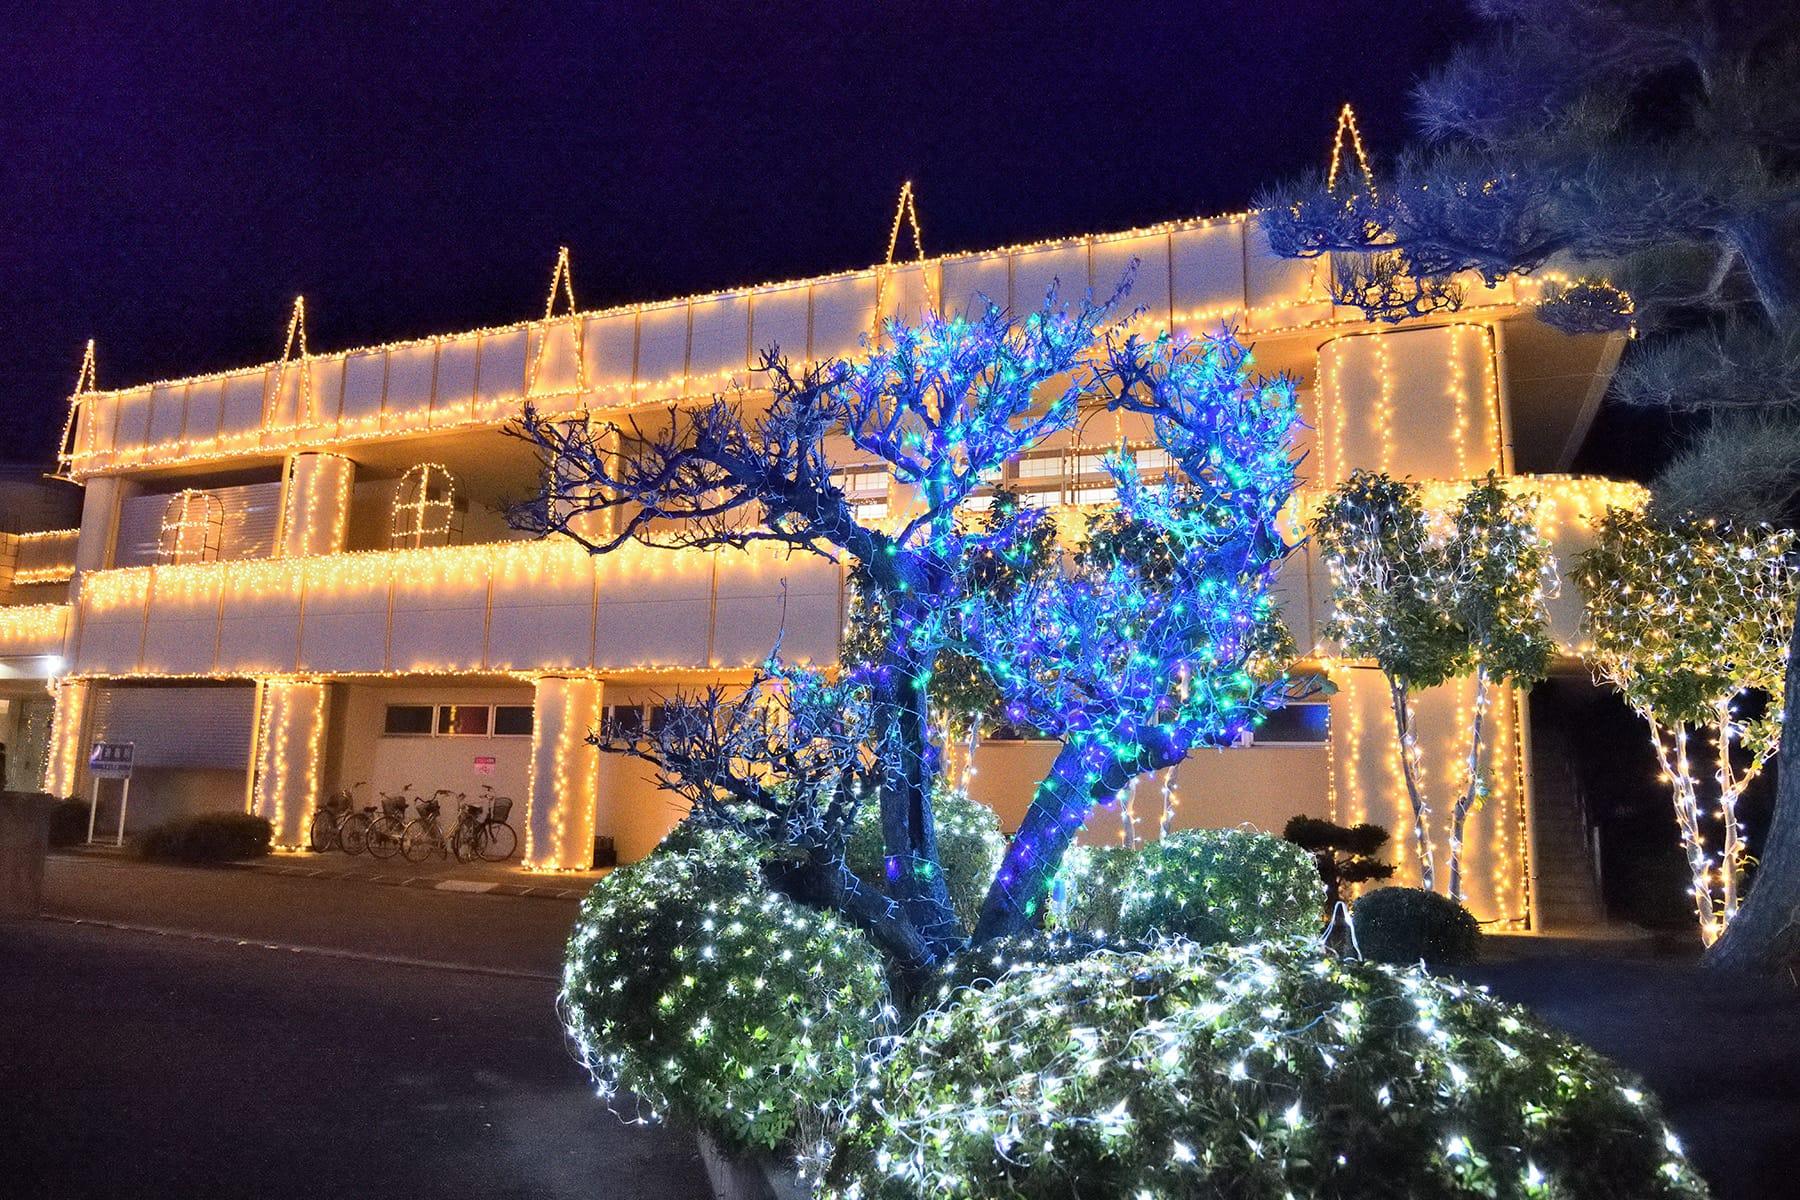 光の祭典in神川【神川町中央公民館駐車場・神川町】